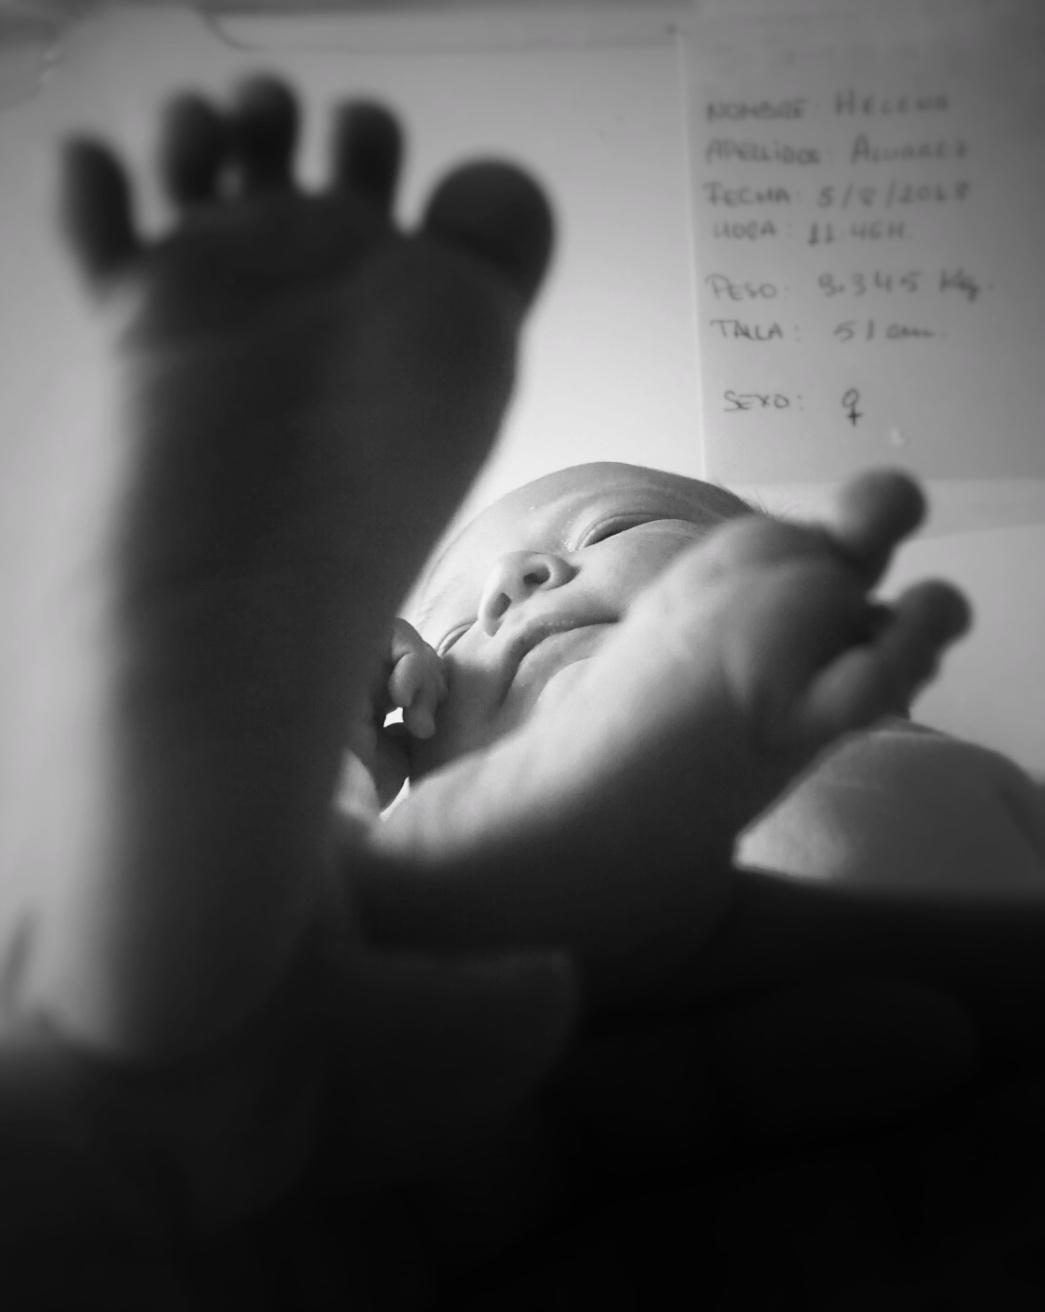 parto-natural-o-cesarea, mar Vidal, maternidad, niños, bebes, embarazo, crianza, parto, cesárea, intervención quirúrgica, alumbramiento, dar-a-luz, la casa de mar orden y deco